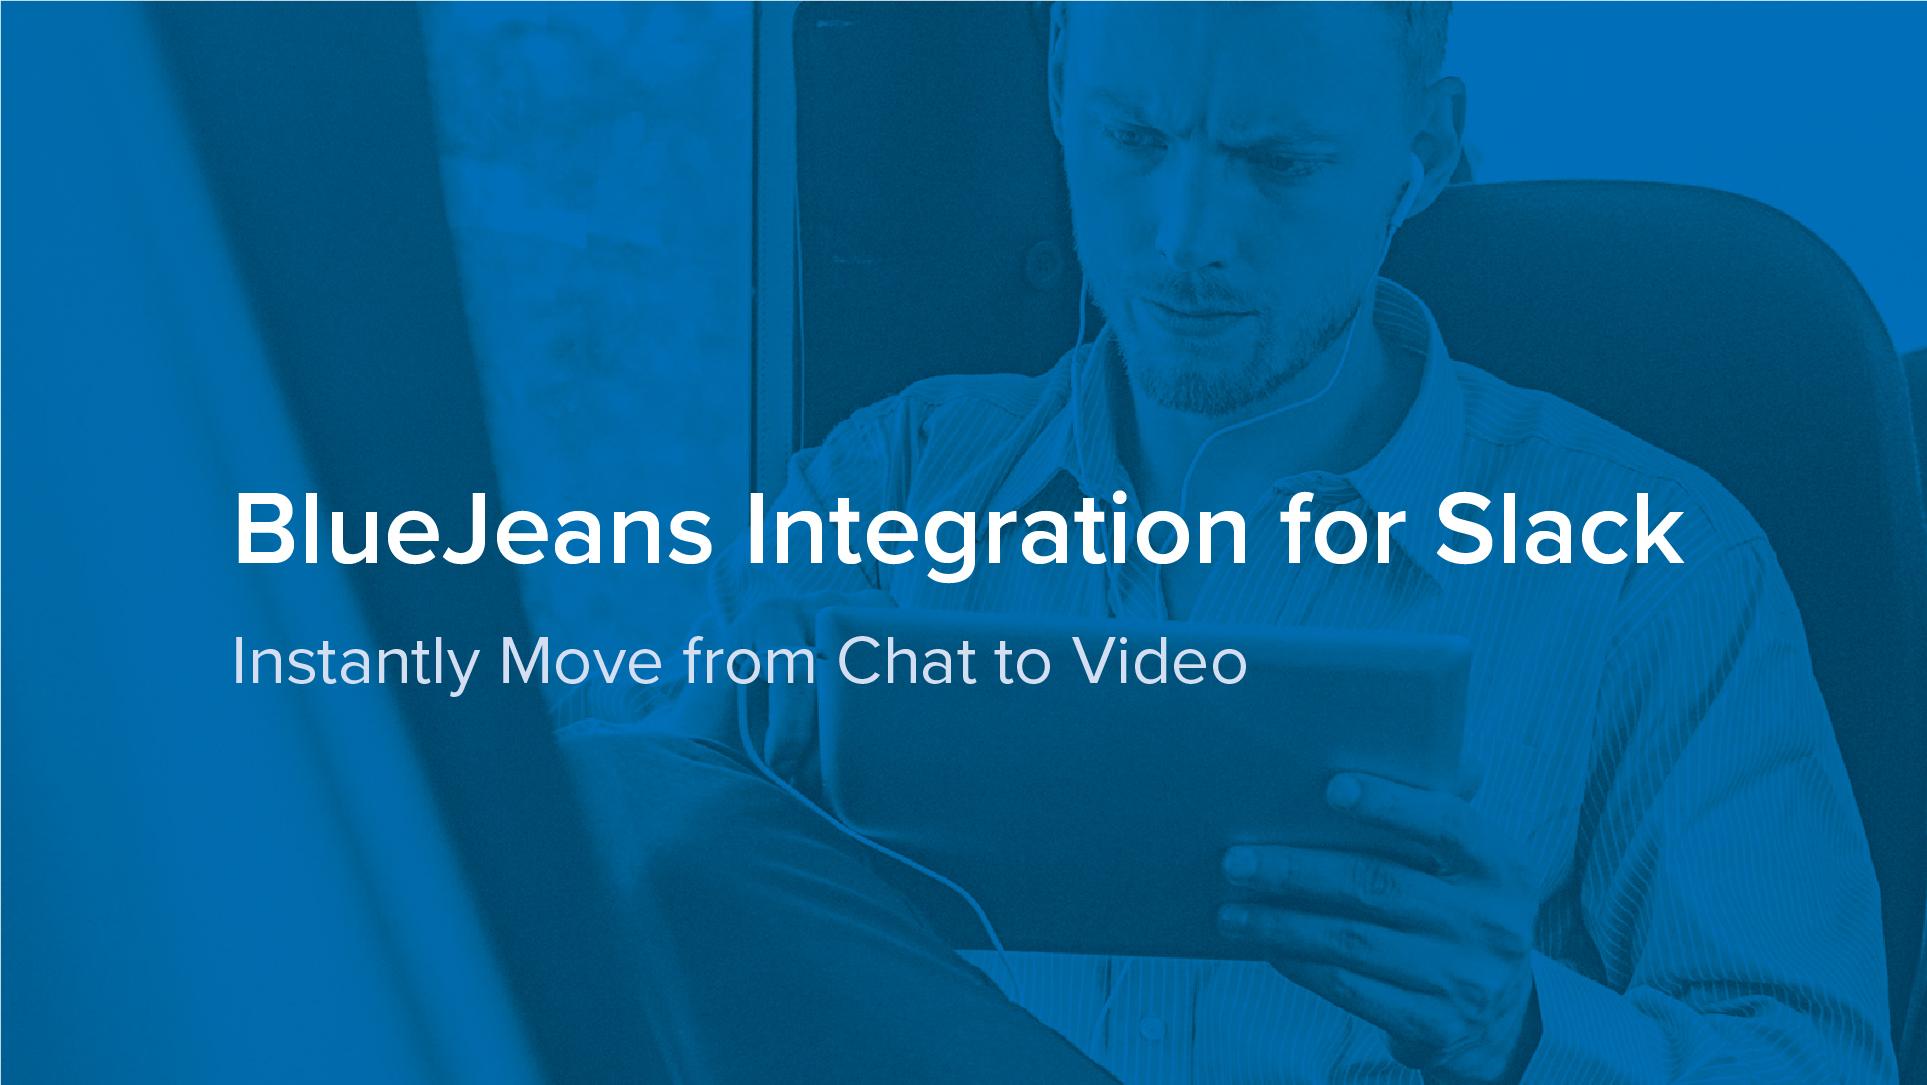 Integration for Slack.jpg